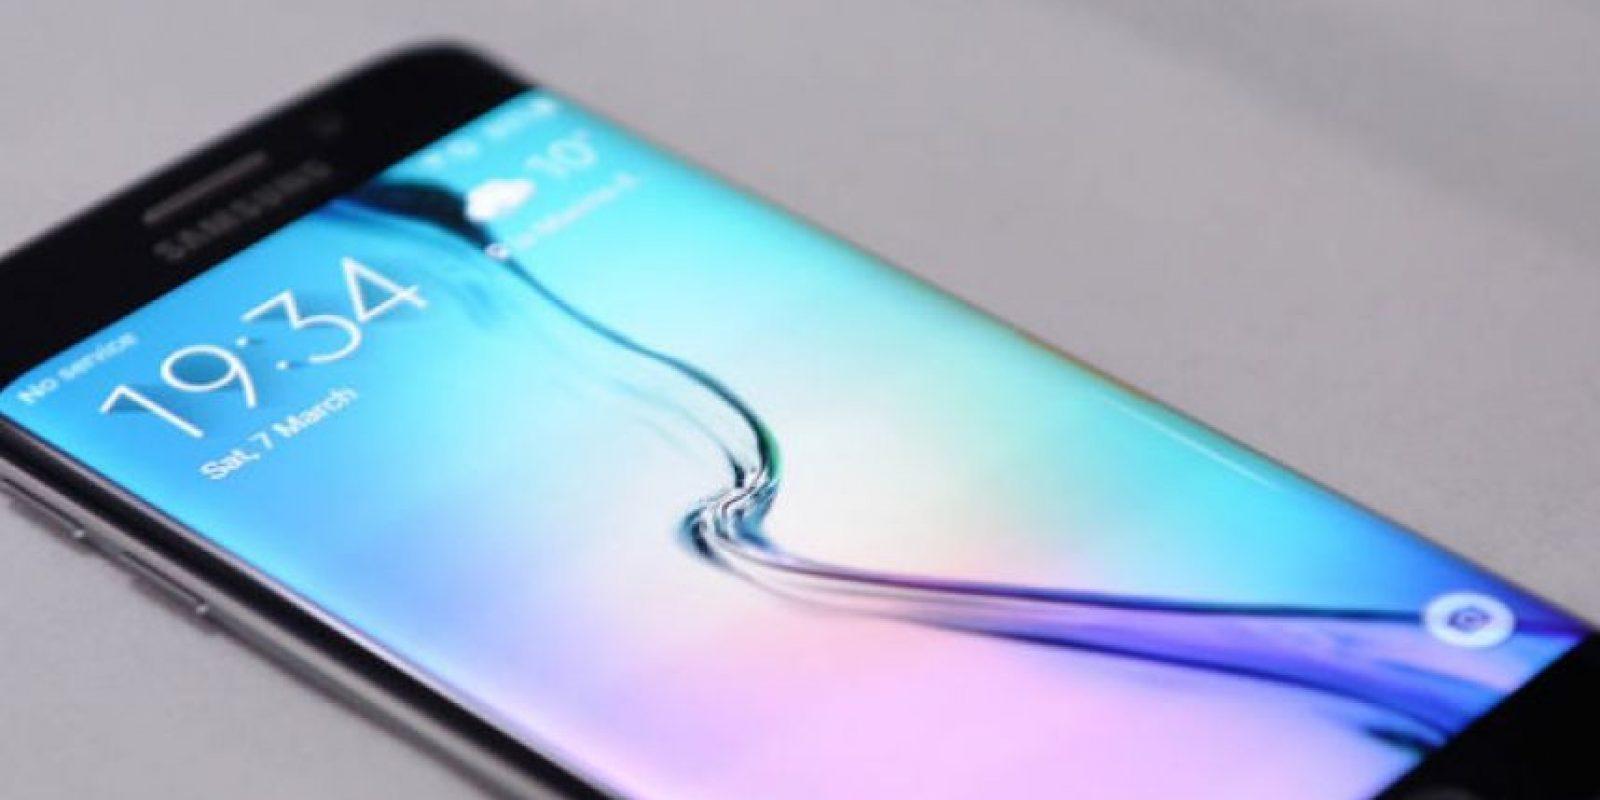 El Samsung Galaxy i7500 fue el primer Galaxy y el primer teléfono Android de Samsung. Foto:Getty